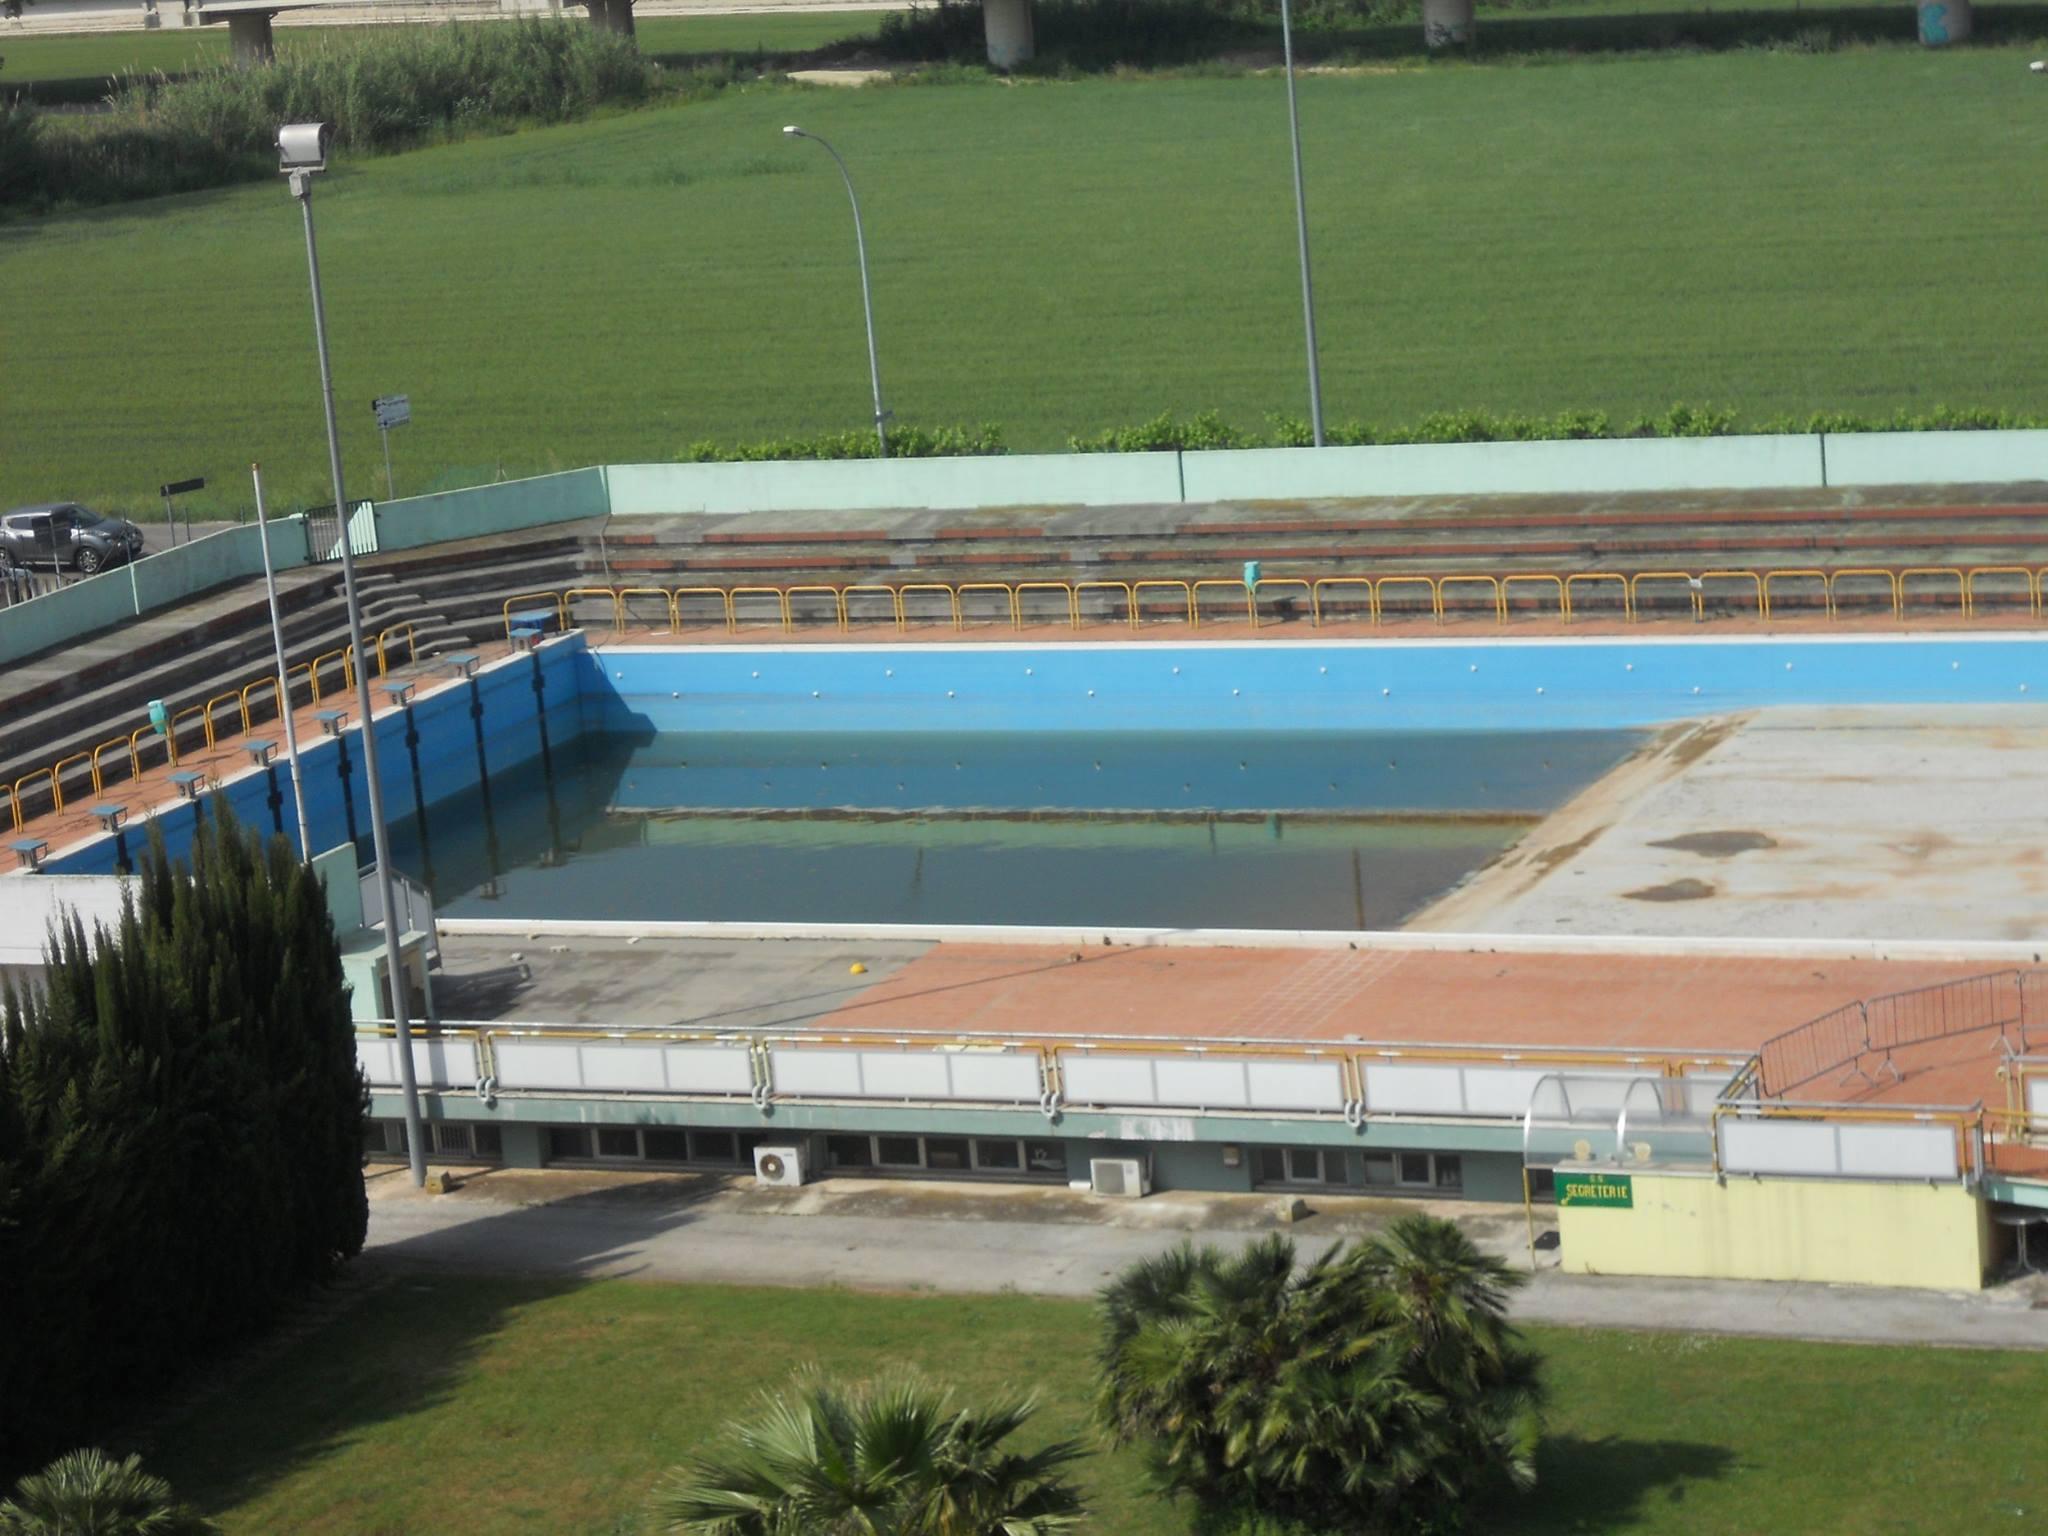 Piscina Comunale San Benedetto Del Tronto.Il Comitato Seppellisce Il Project Penalizza Pesantemente San